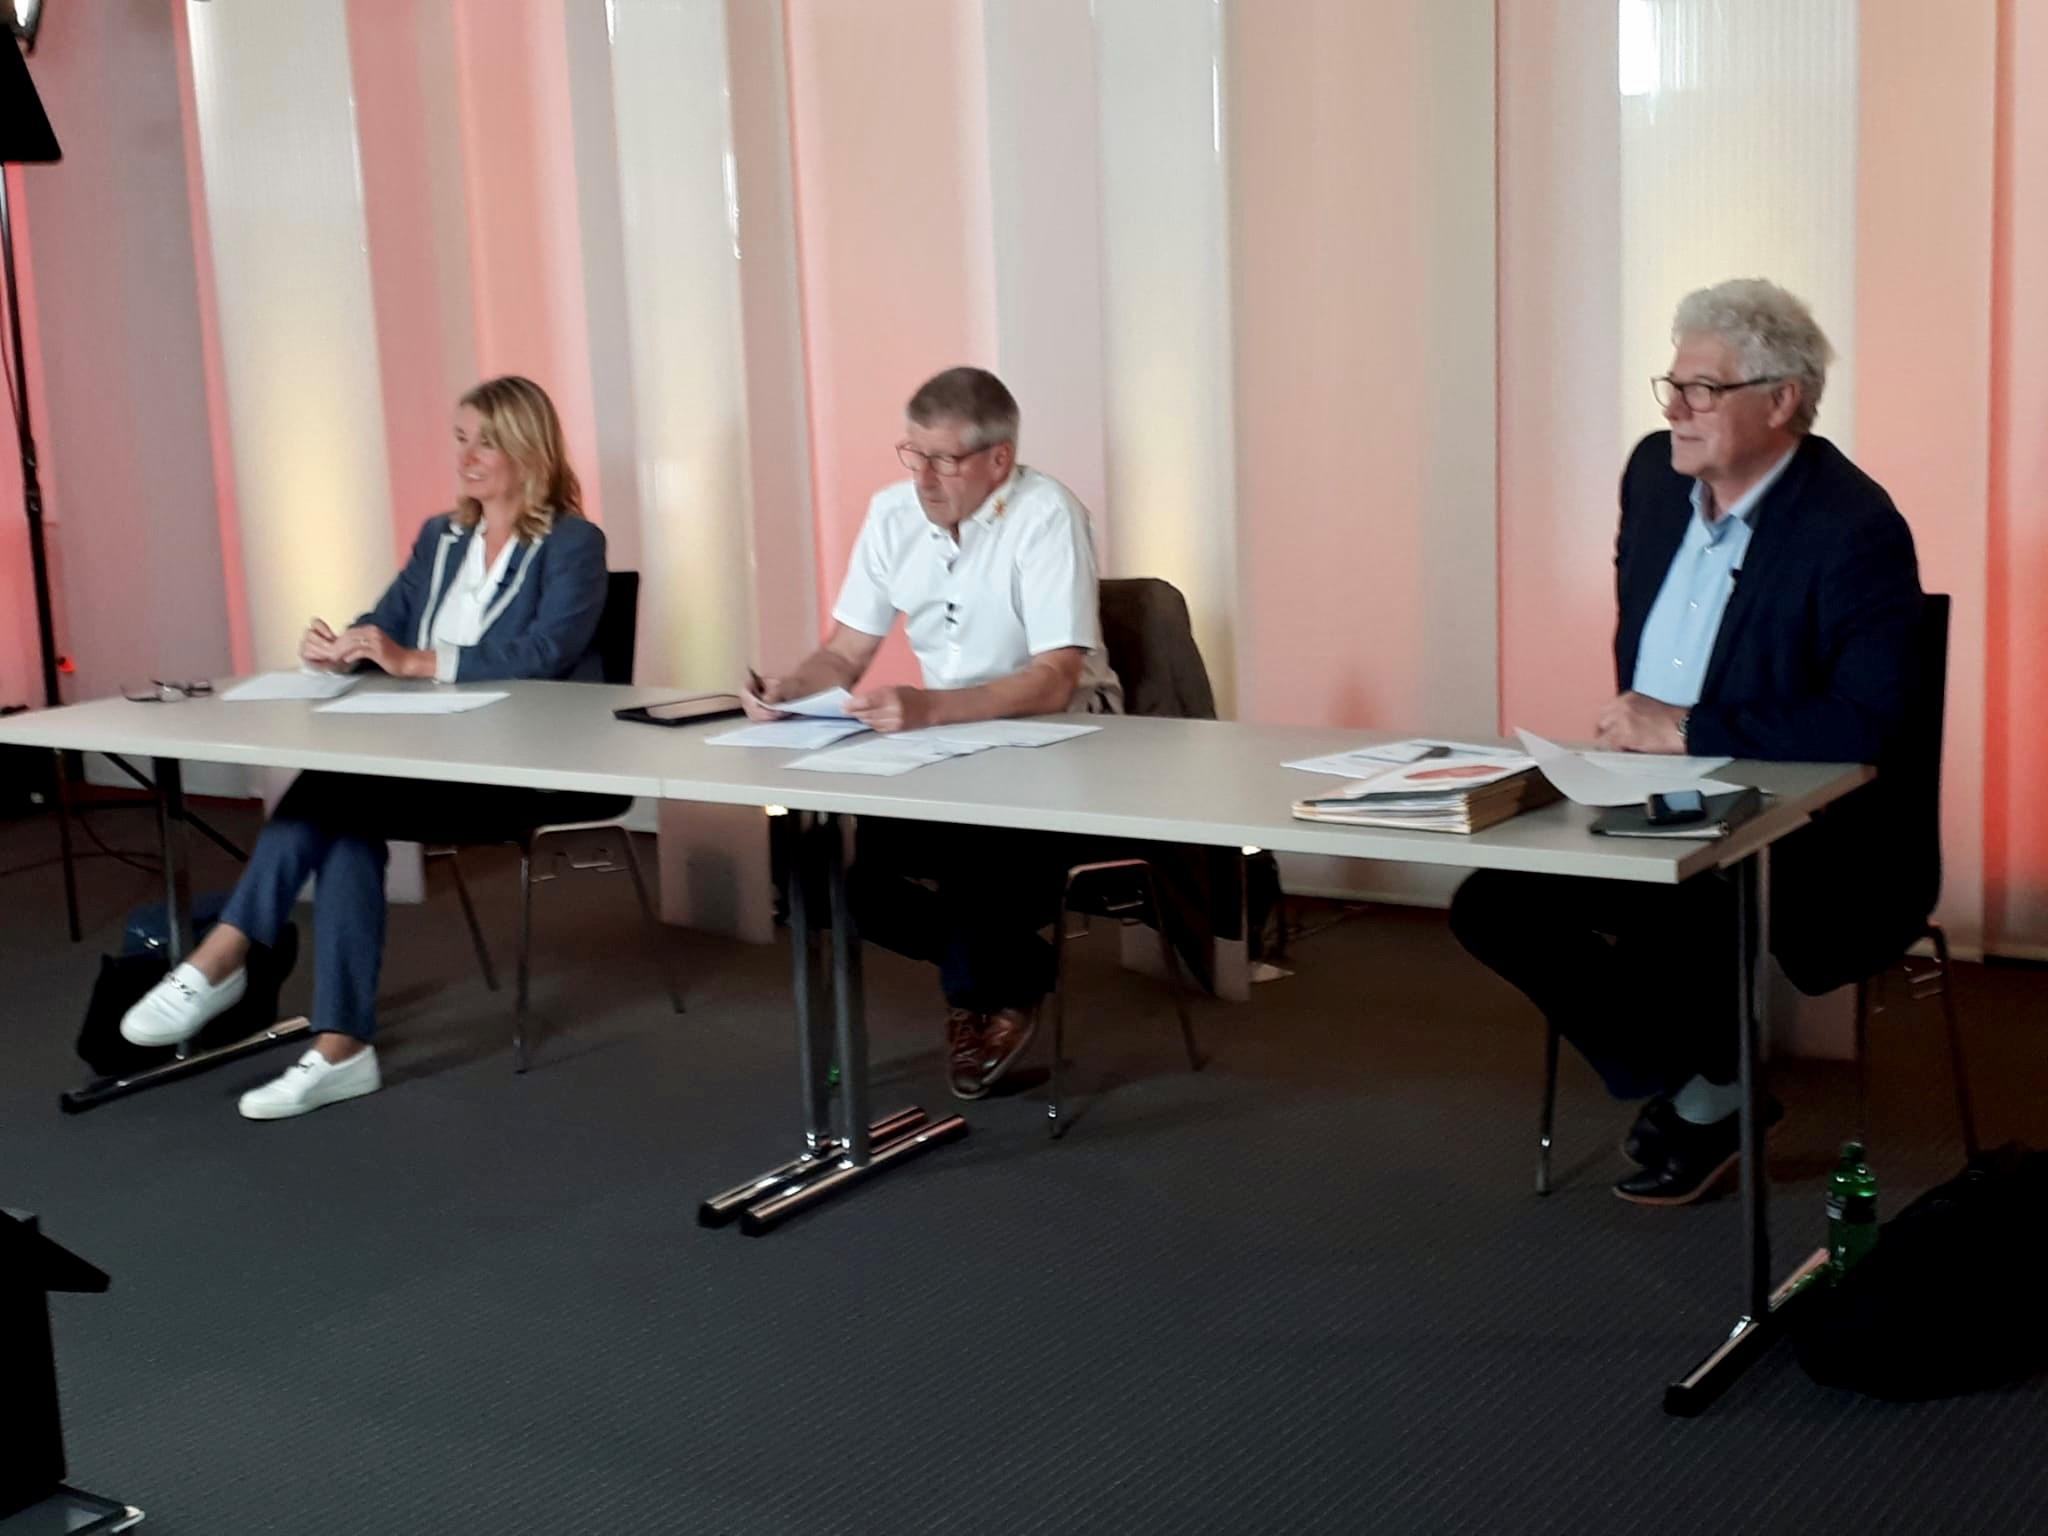 Wechsel an der Spitze von Berner KMU: Toni Lenz tritt ab, Ernst Kühni übernimmt